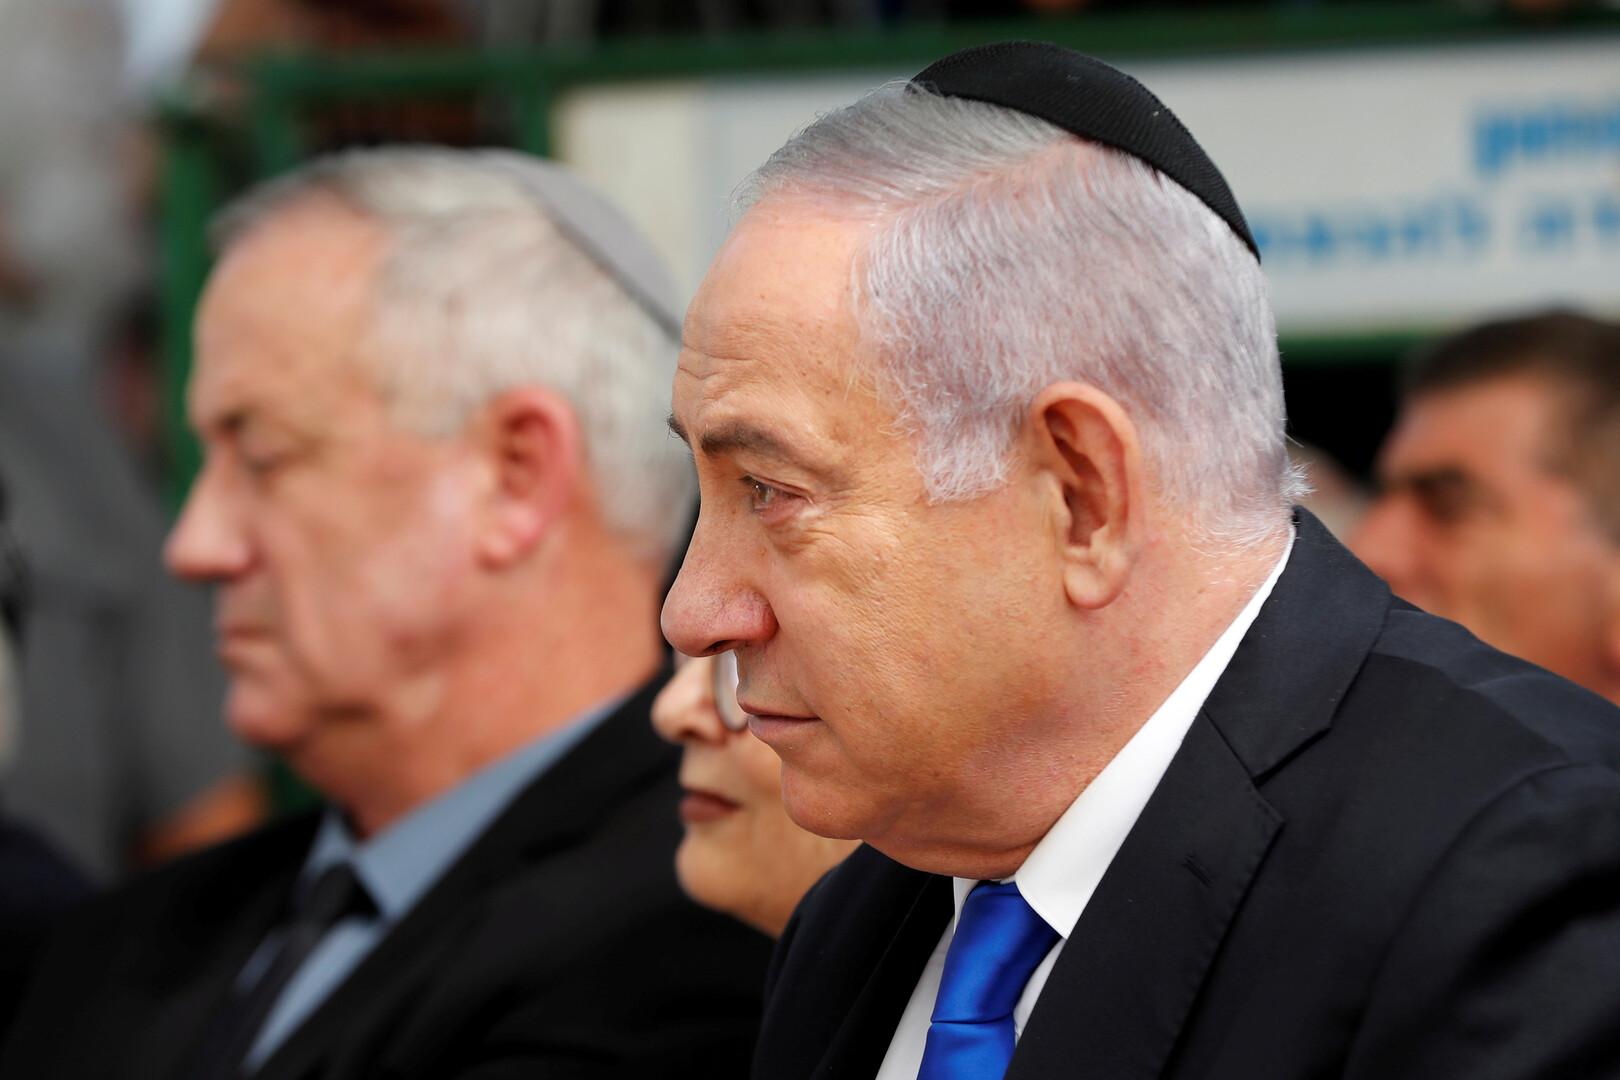 إسرائيل.. اتفاق على تجنب انتخابات ثالثة وخلاف على أولوية رئاسة الحكومة